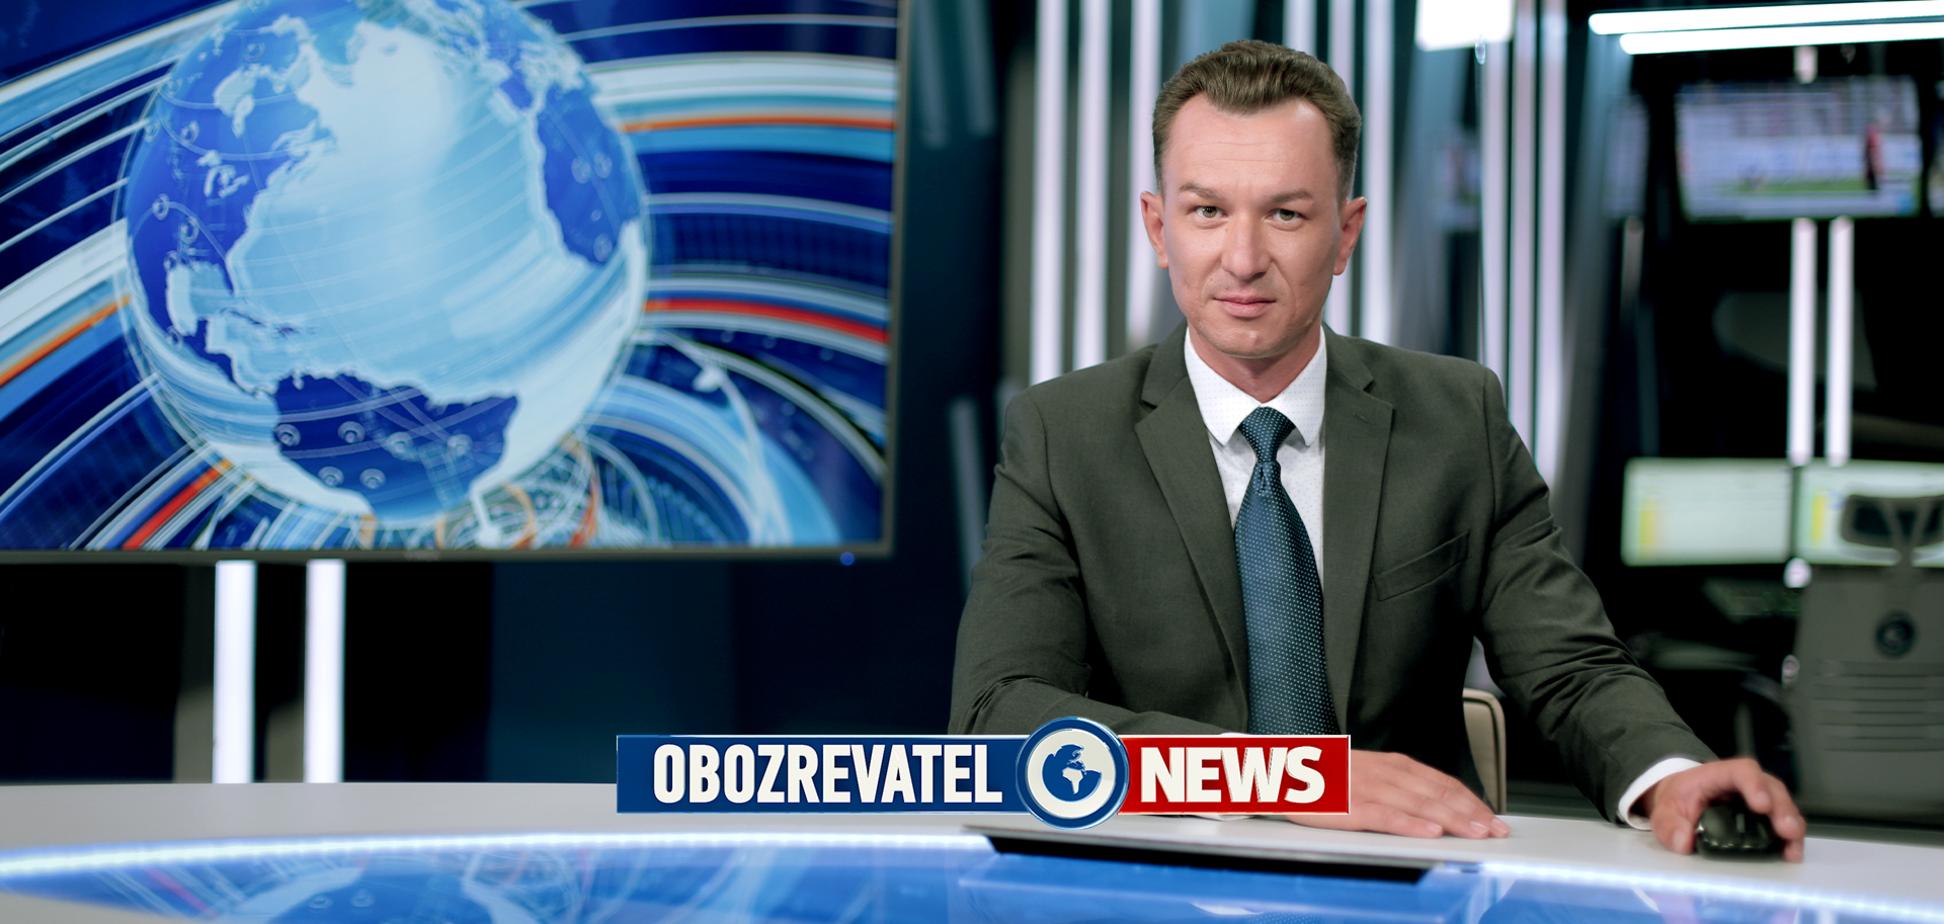 Командно-штабные учения с НАТО, утверждение проекта госбюджета на 2022 год, прекращение работы ГАСИ – основные тезисы утреннего обзора новостей